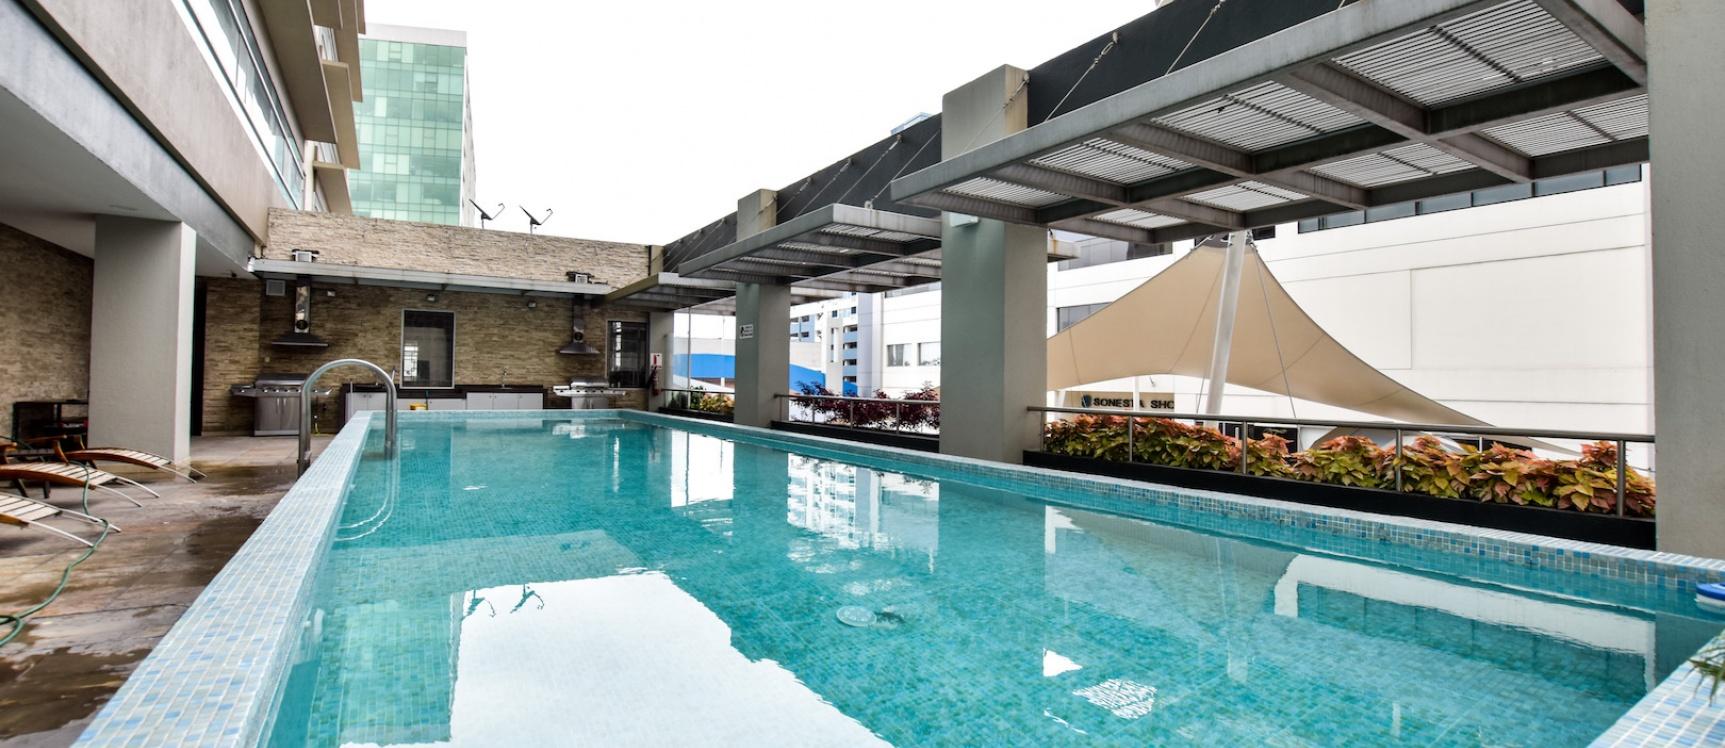 GeoBienes - Departamento en venta ubicado en Edificio Elite Building - Plusvalia Guayaquil Casas de venta y alquiler Inmobiliaria Ecuador